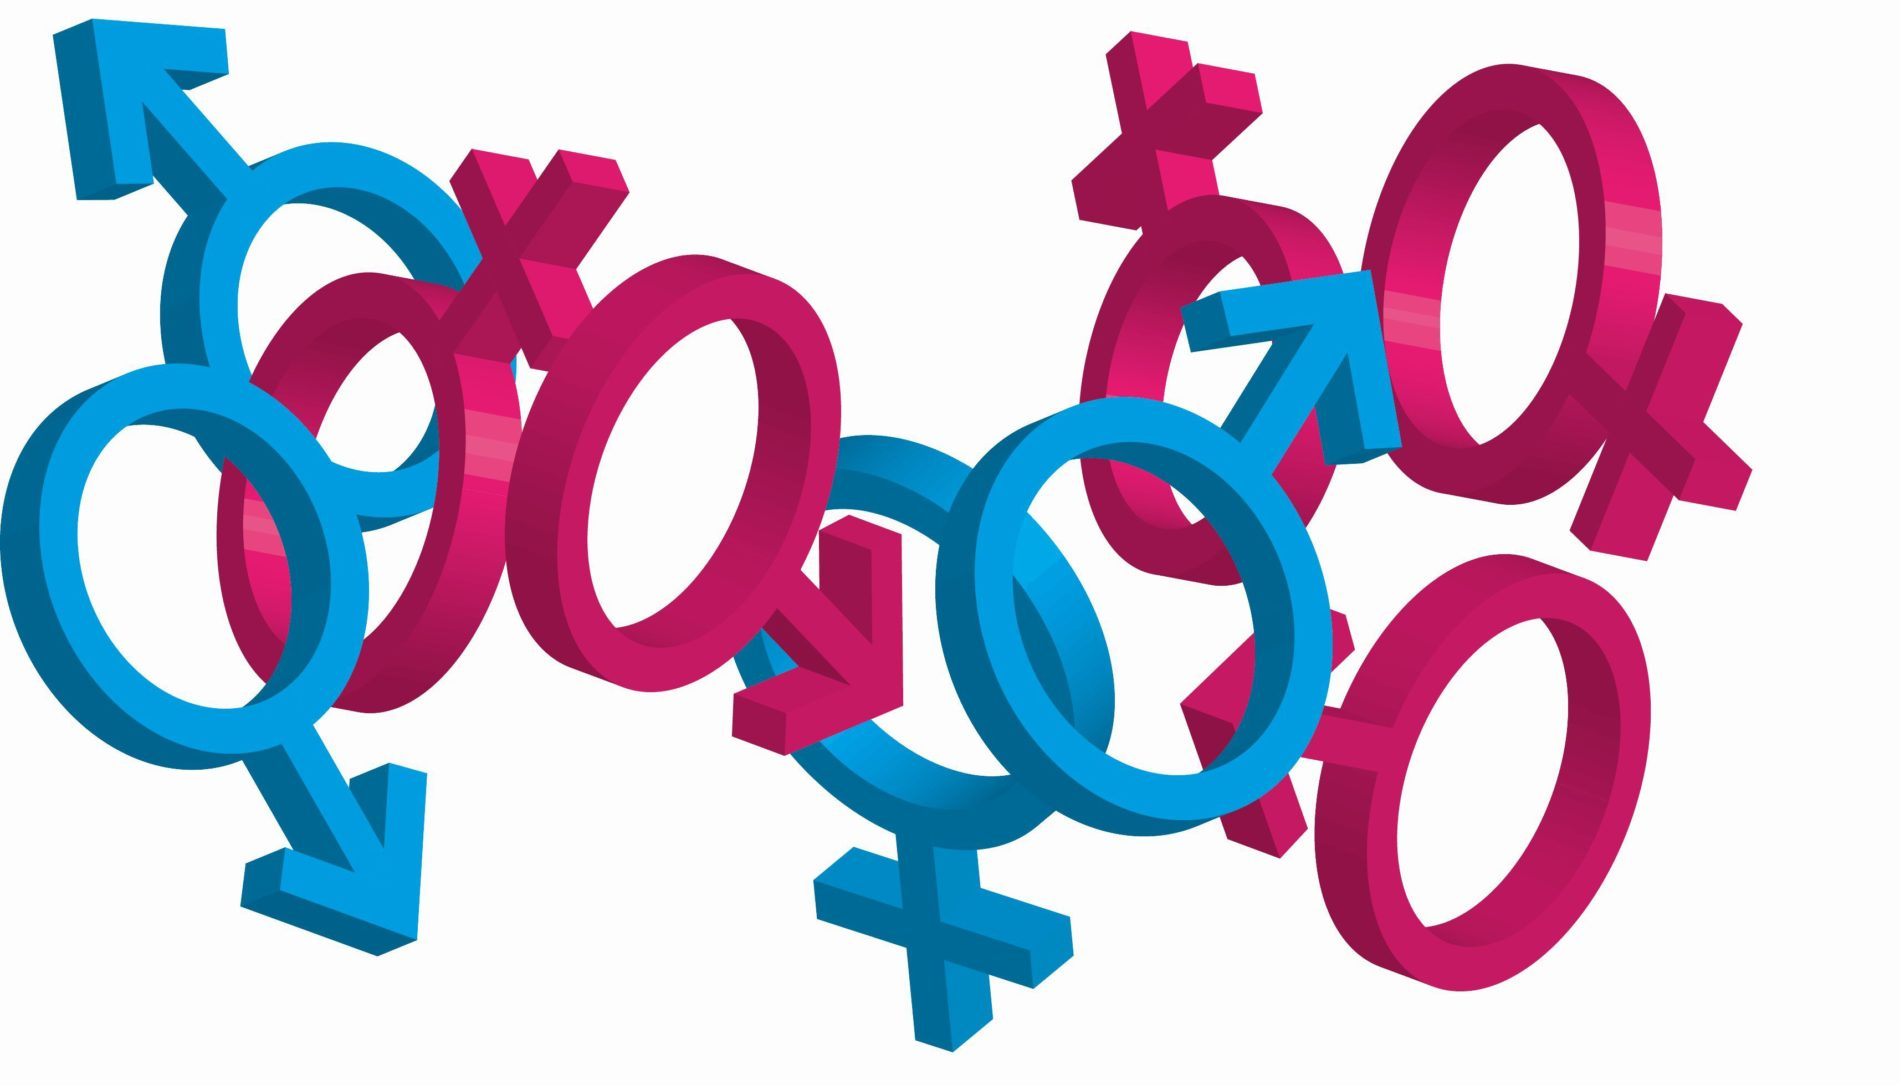 Gênero neutro pode estimular conflitos de identidade, diz especialista